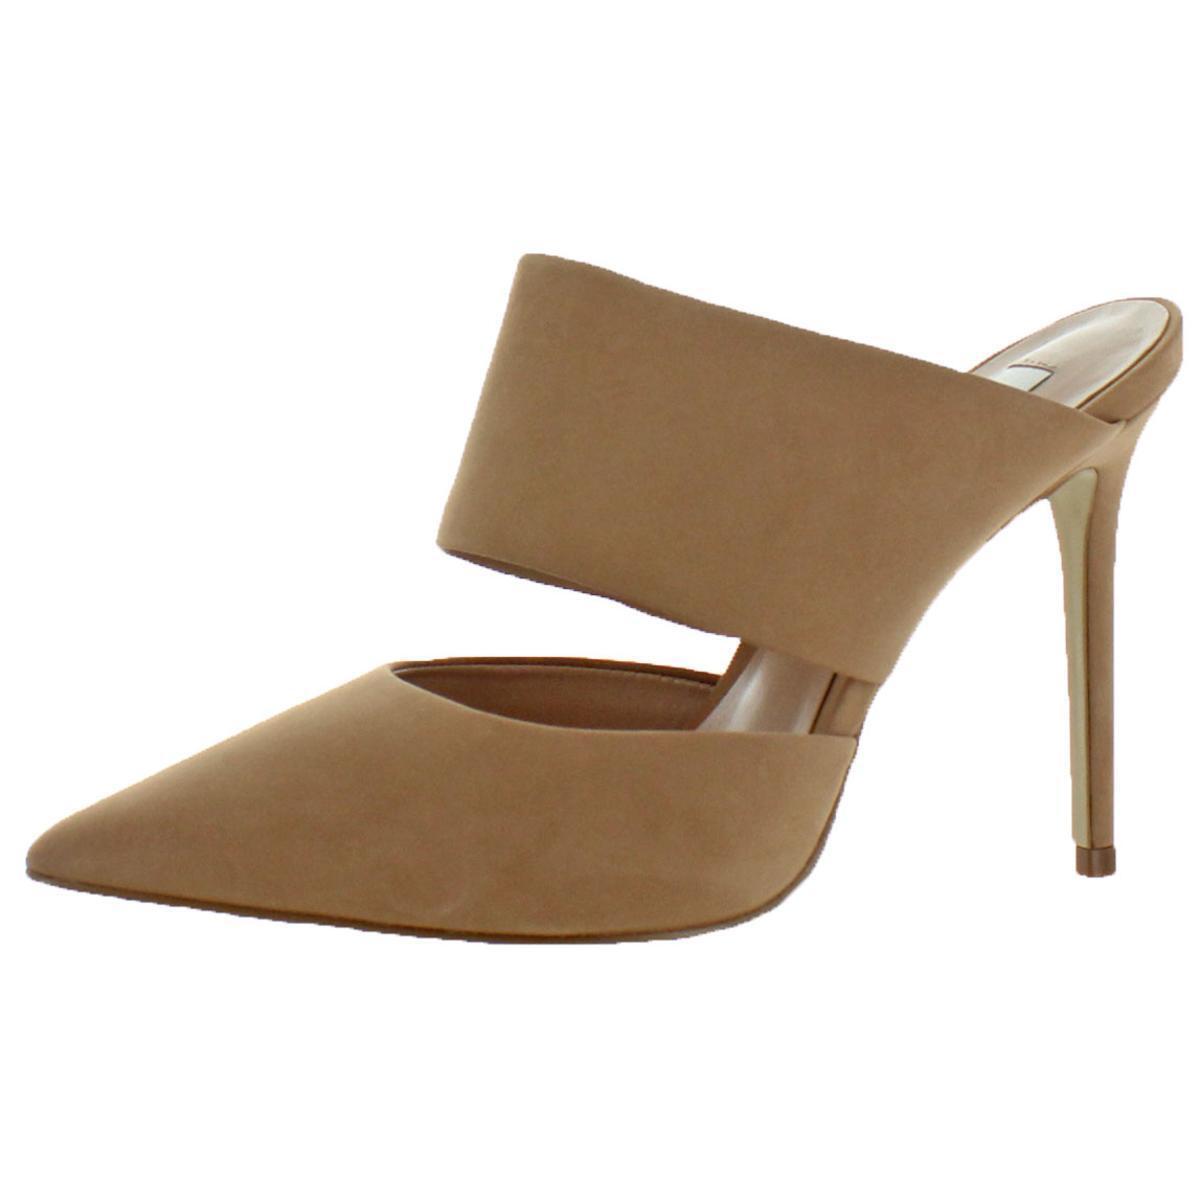 Steve Madden Para Mujer RAE tan tan tan Vestido de Moda Zapatos de salón 7.5 Medio (B, M) BHFO 7306  protección post-venta